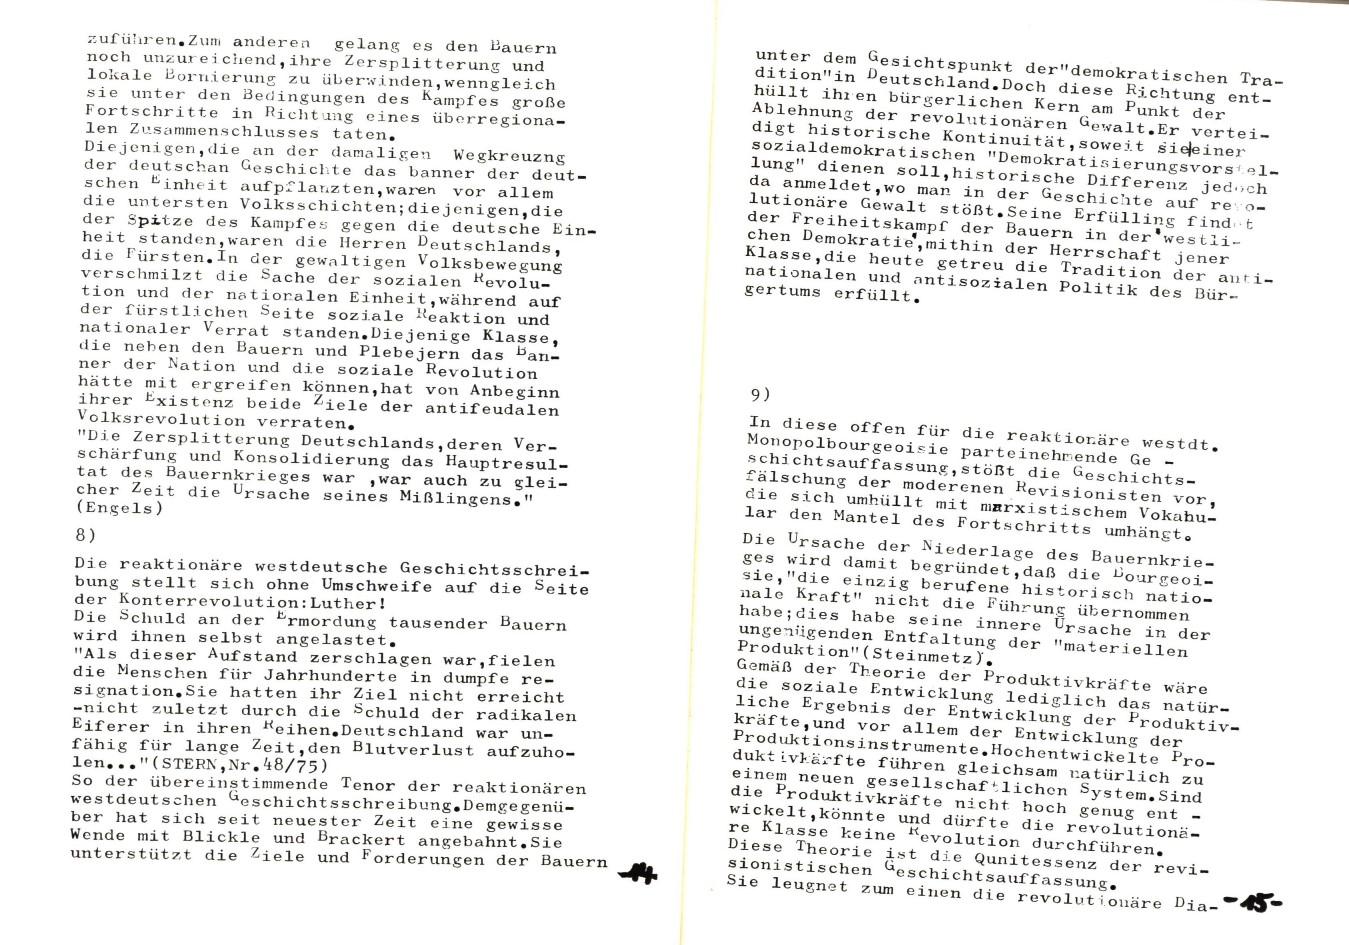 Berlin_KSV_1976_Wochenendseminare_Geschichte_01_09